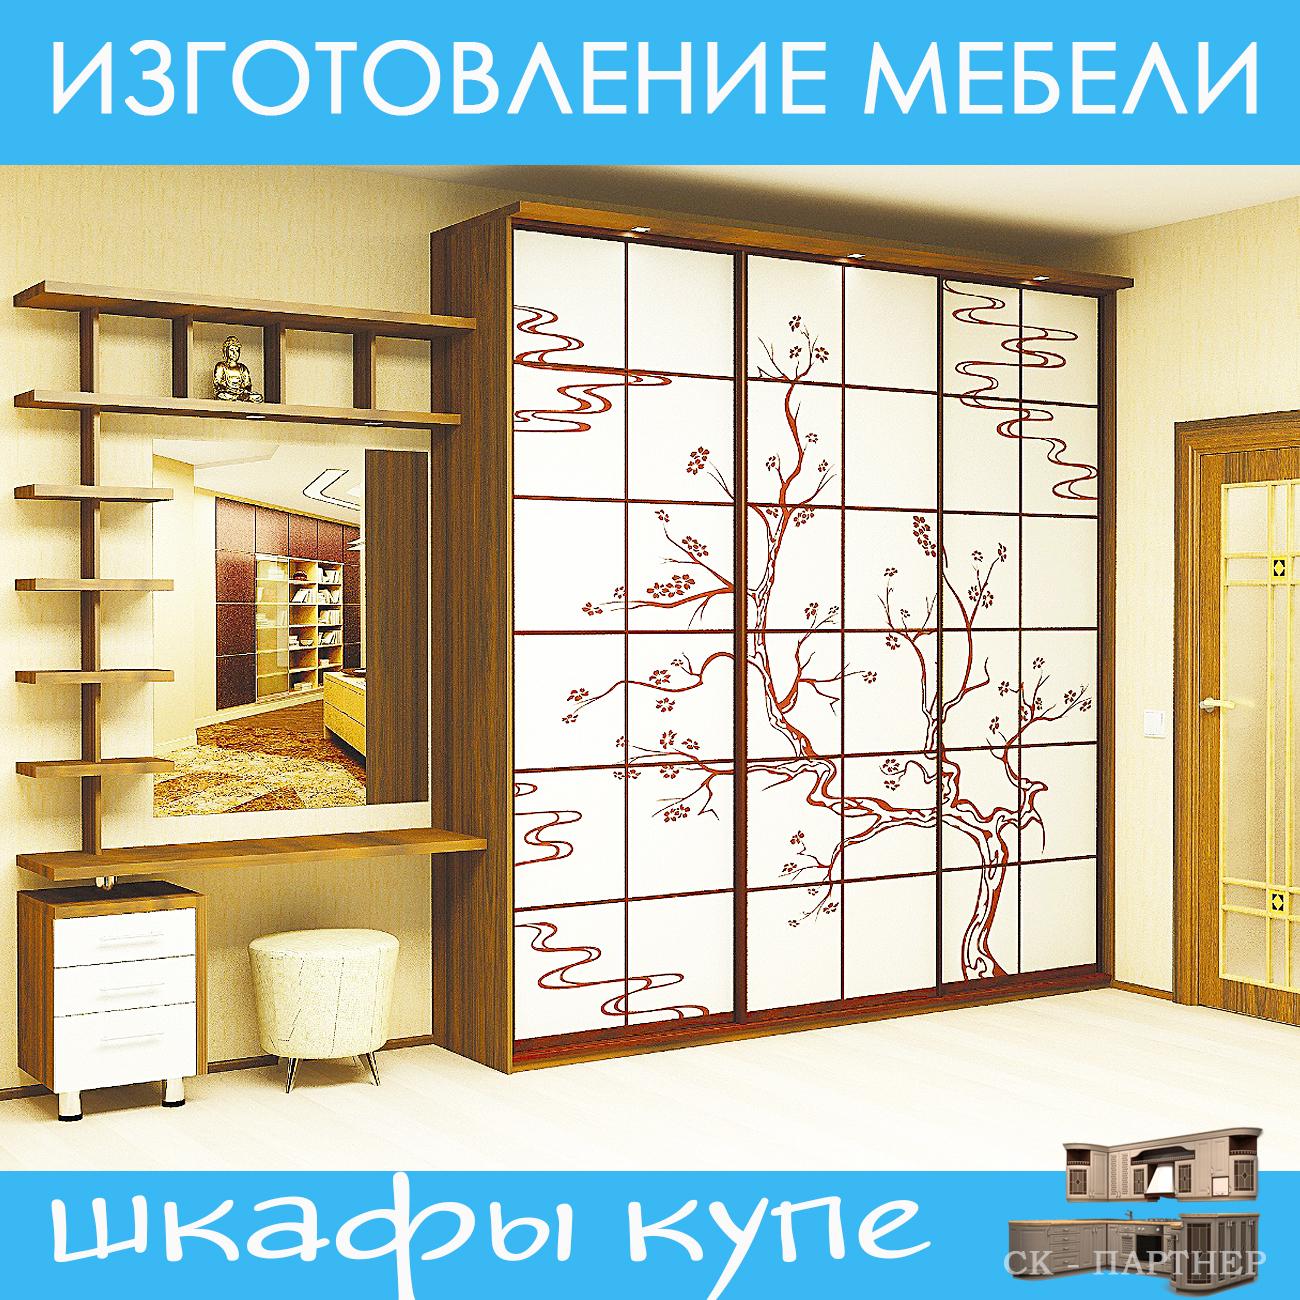 Шкаф-купе как основной предмет мебели - imhotour.ru.